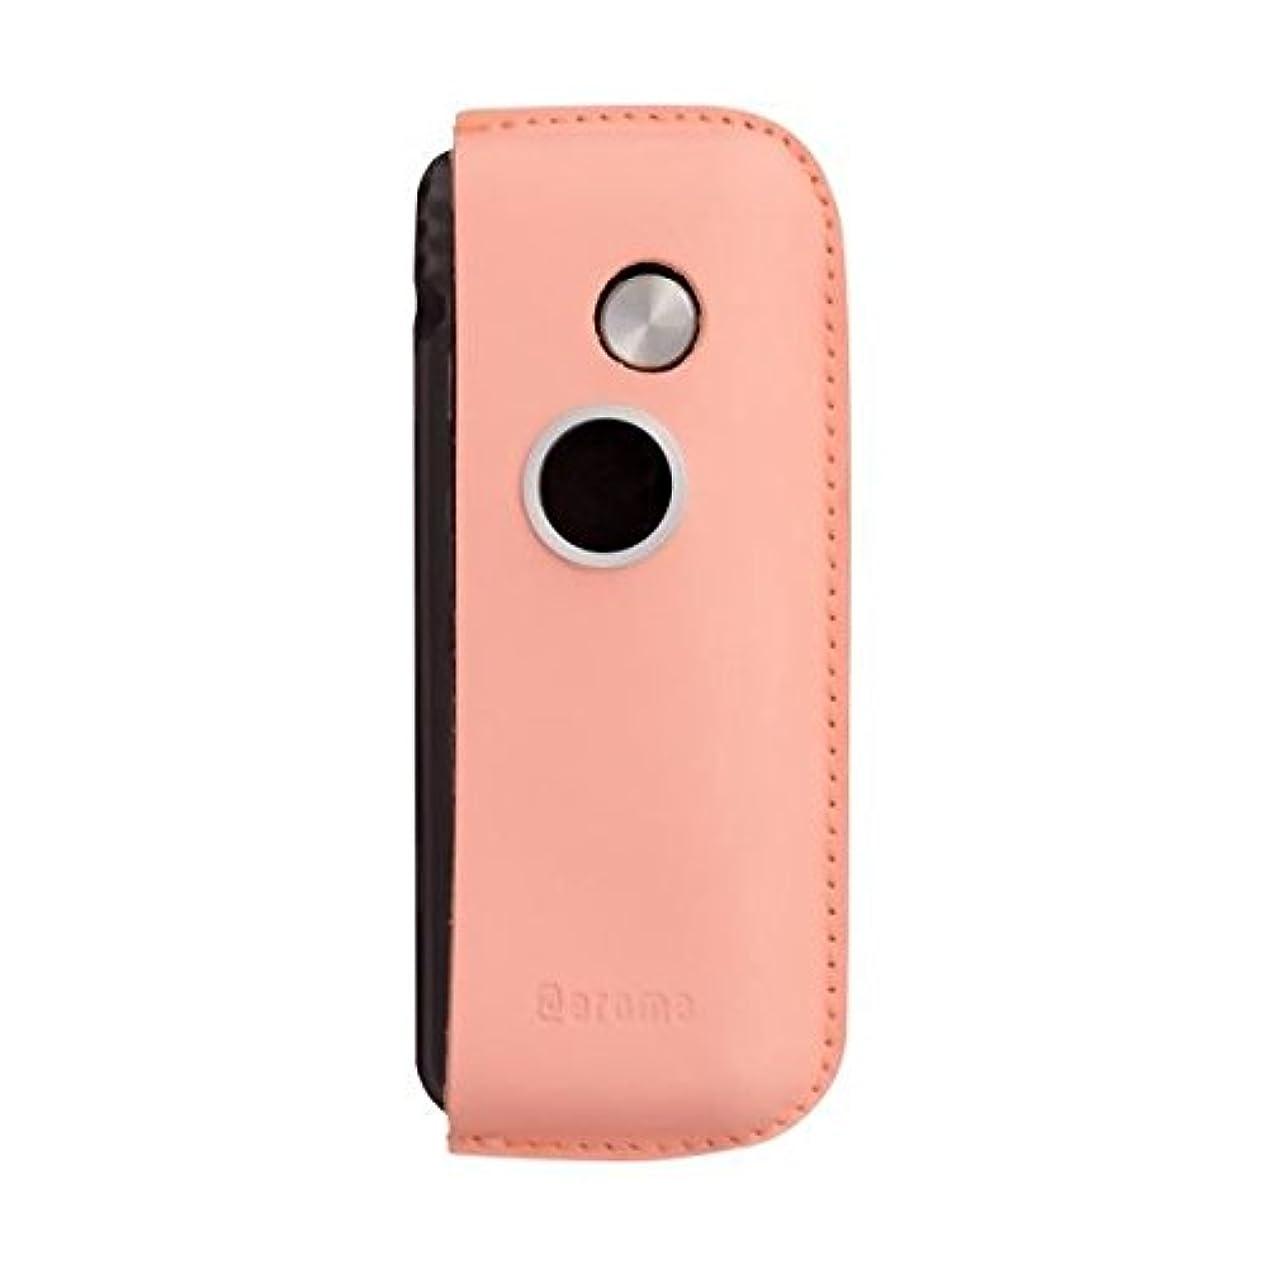 ジャグリングお願いします憂鬱ファンファン(ピンク)&人気のアロマset【モバイルディフューザー funfan+AromaOil】mobile diffuser (フレッシュハーブ)